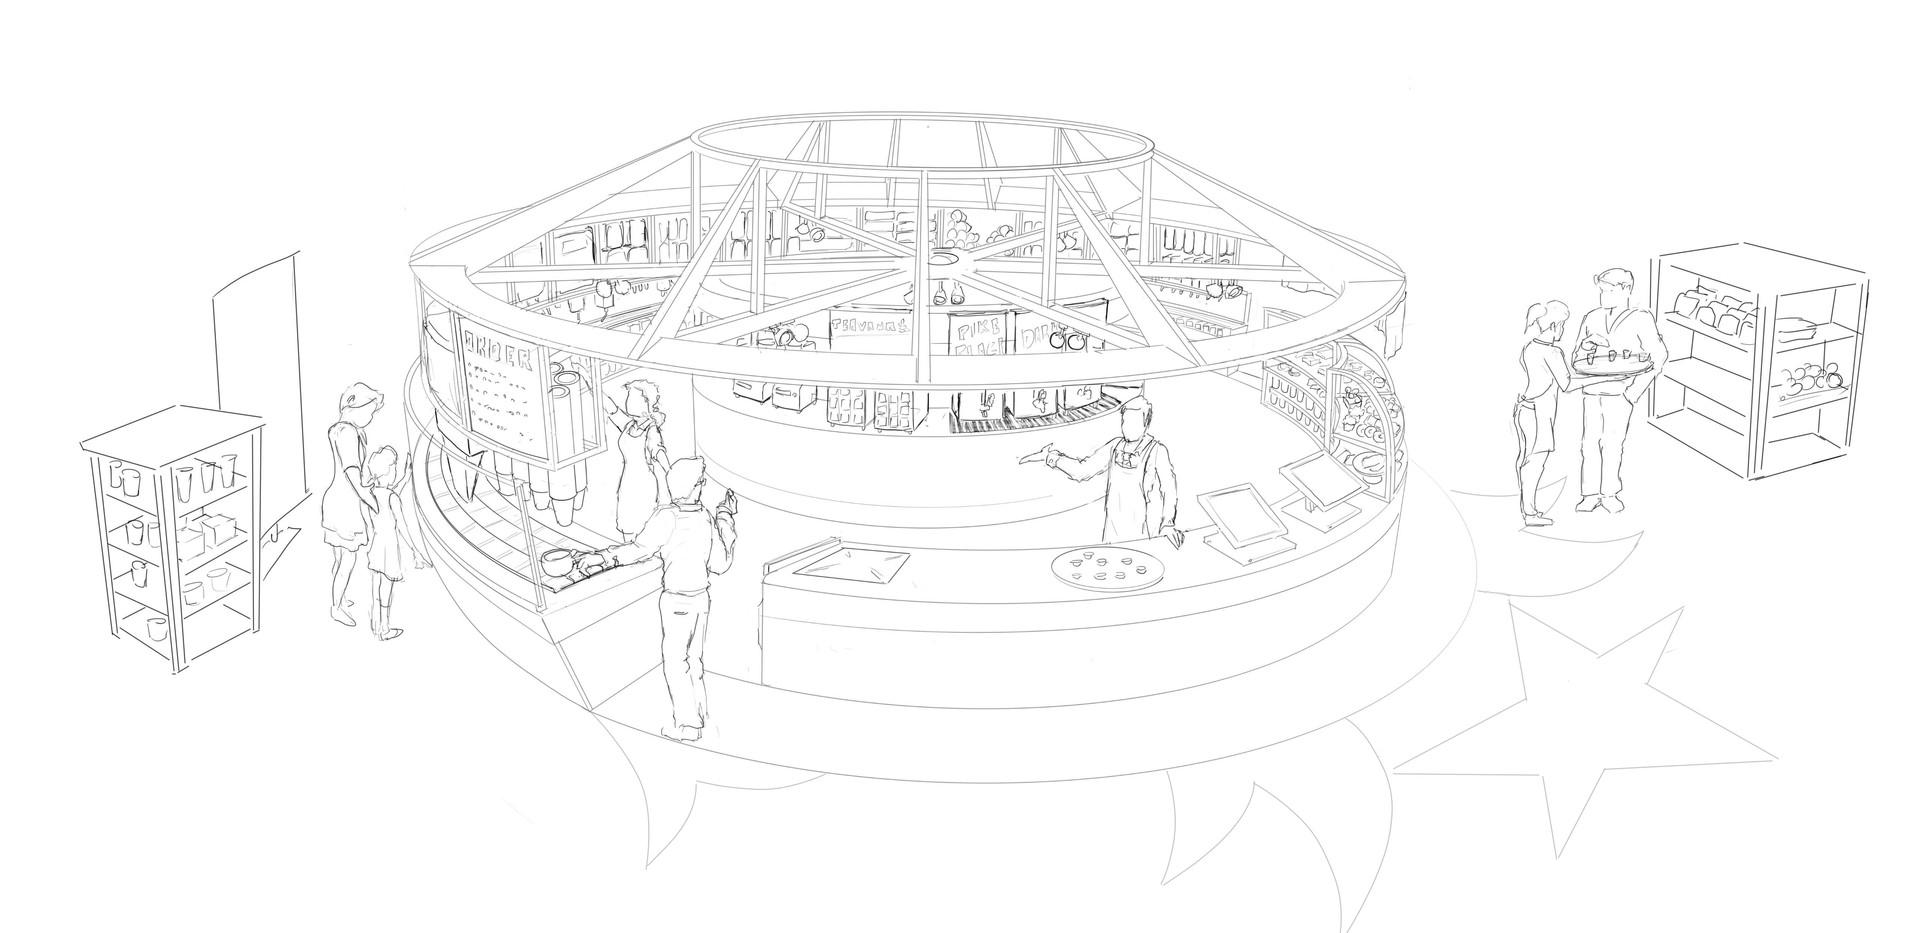 Starbucks Kiosk Concept